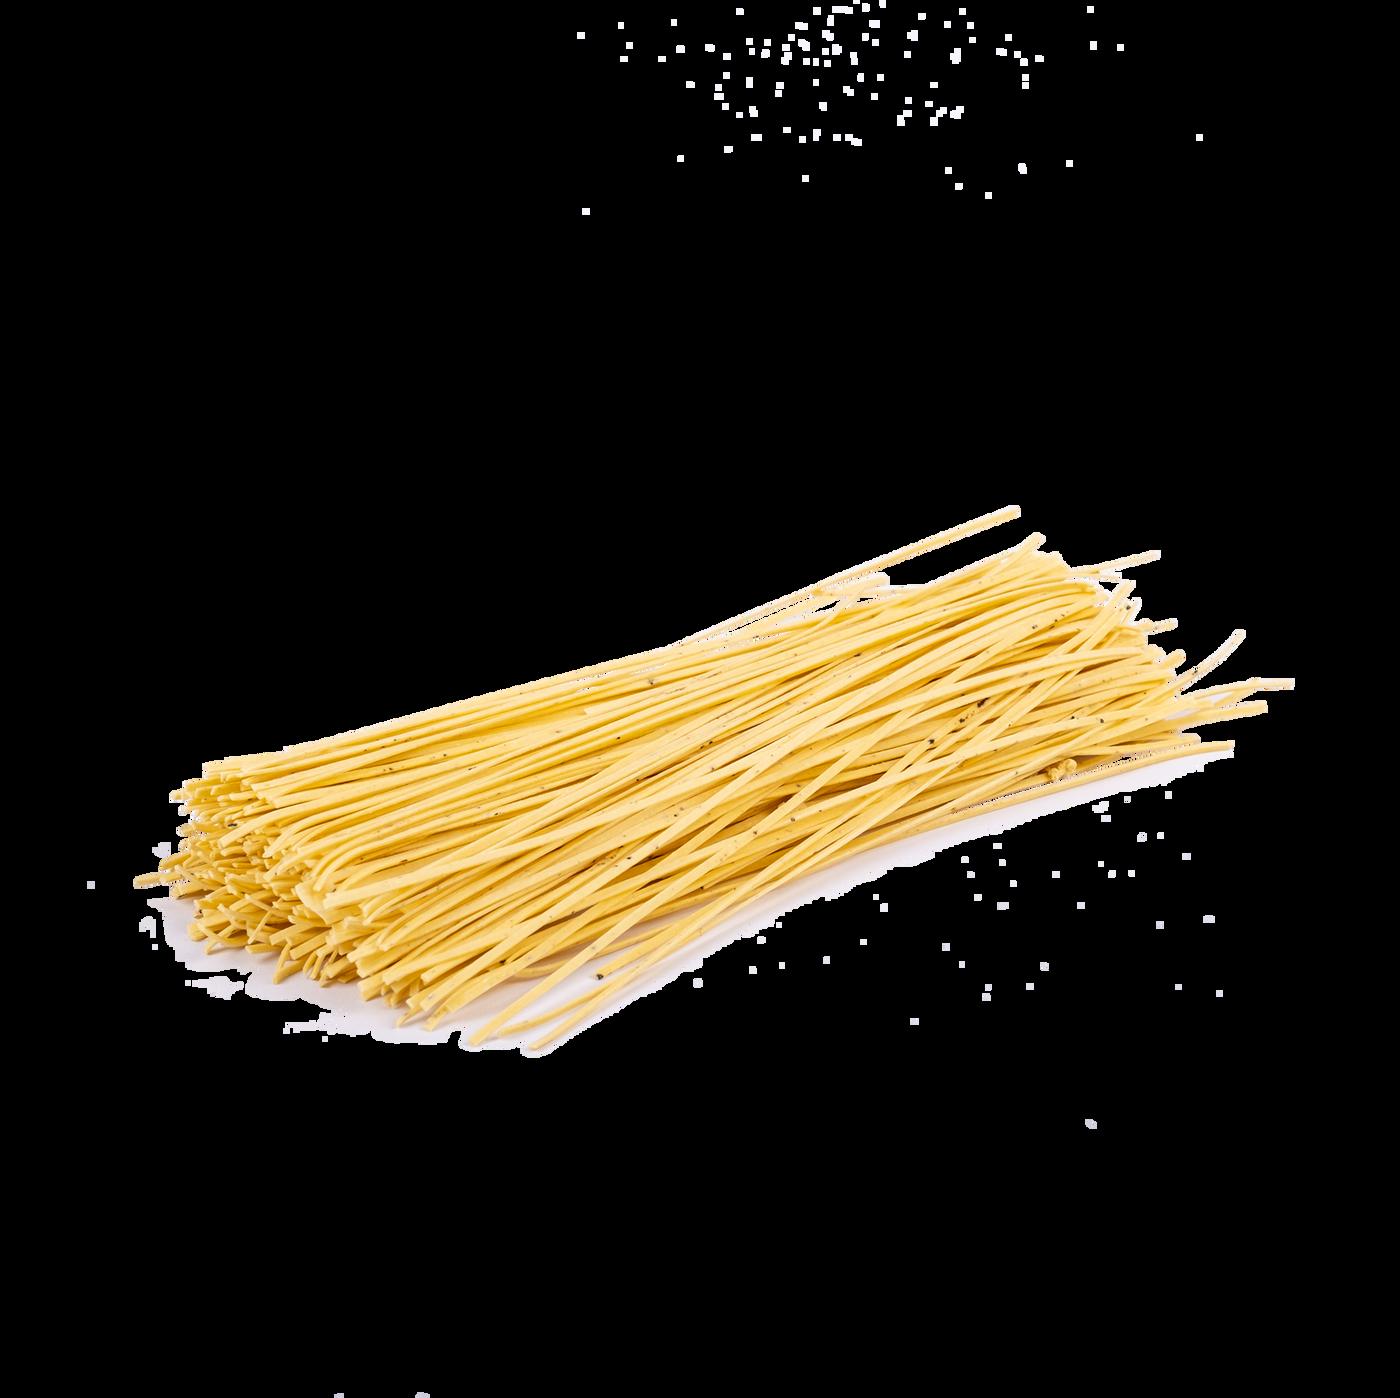 Fettuccine al huevo con trufa